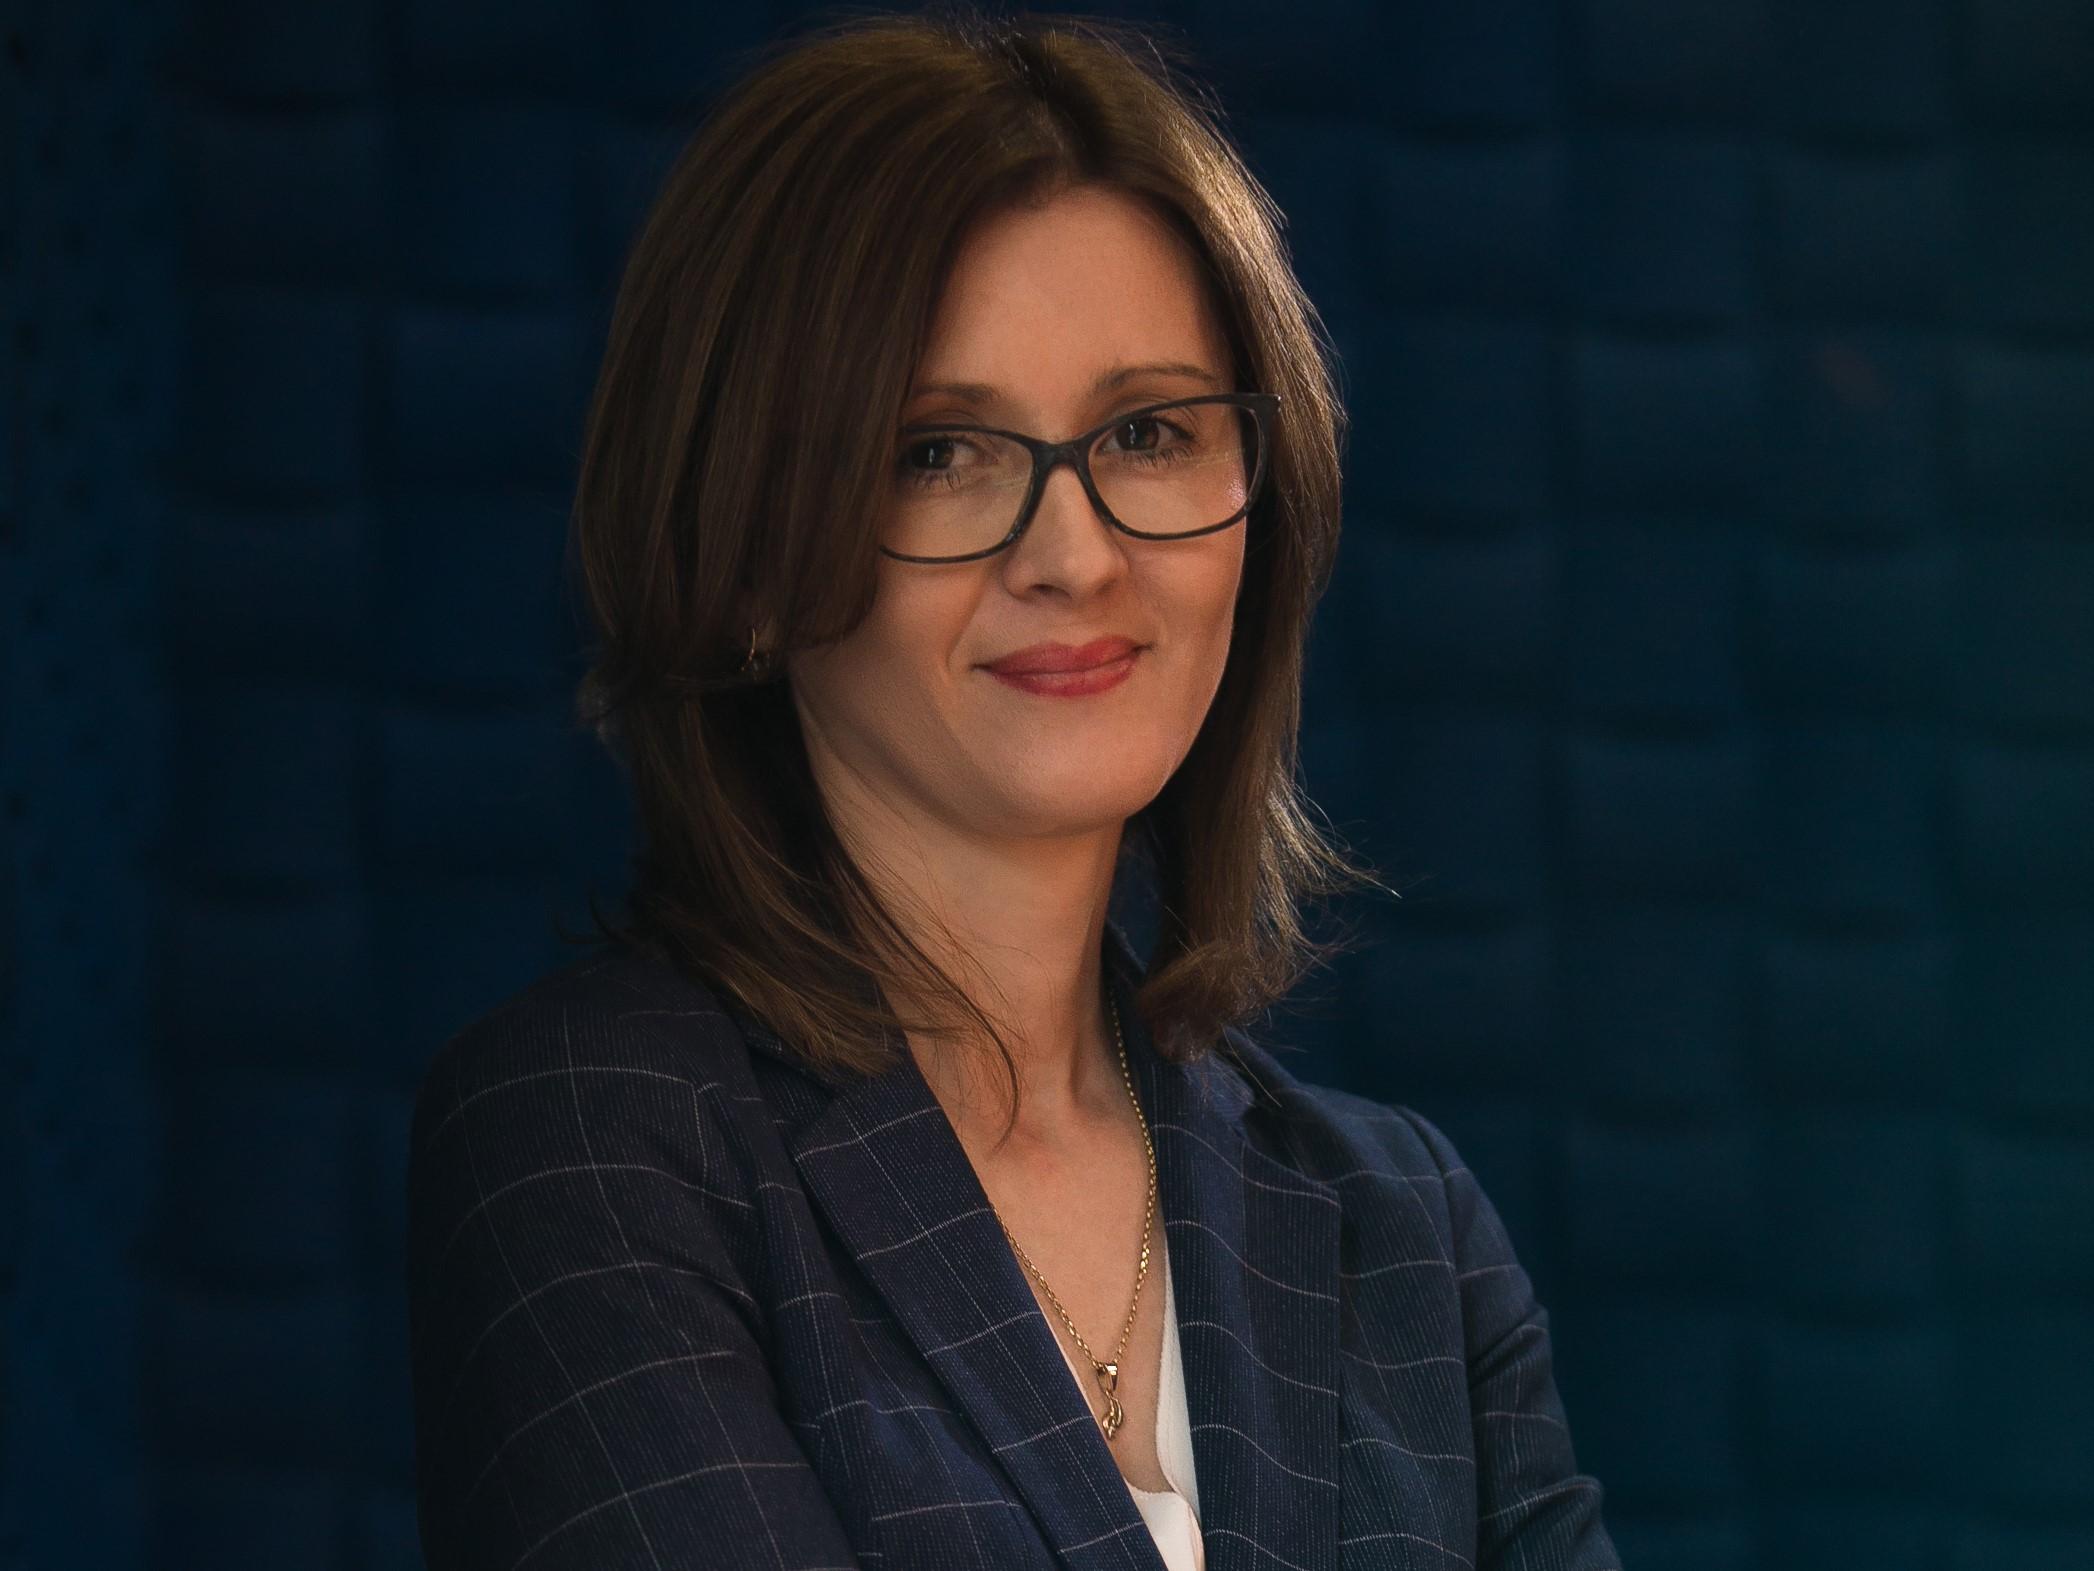 Dr Maria Mazur, prorektor Wyższej Szkoły Przedsiębiorczości i Administracji w Lublinie